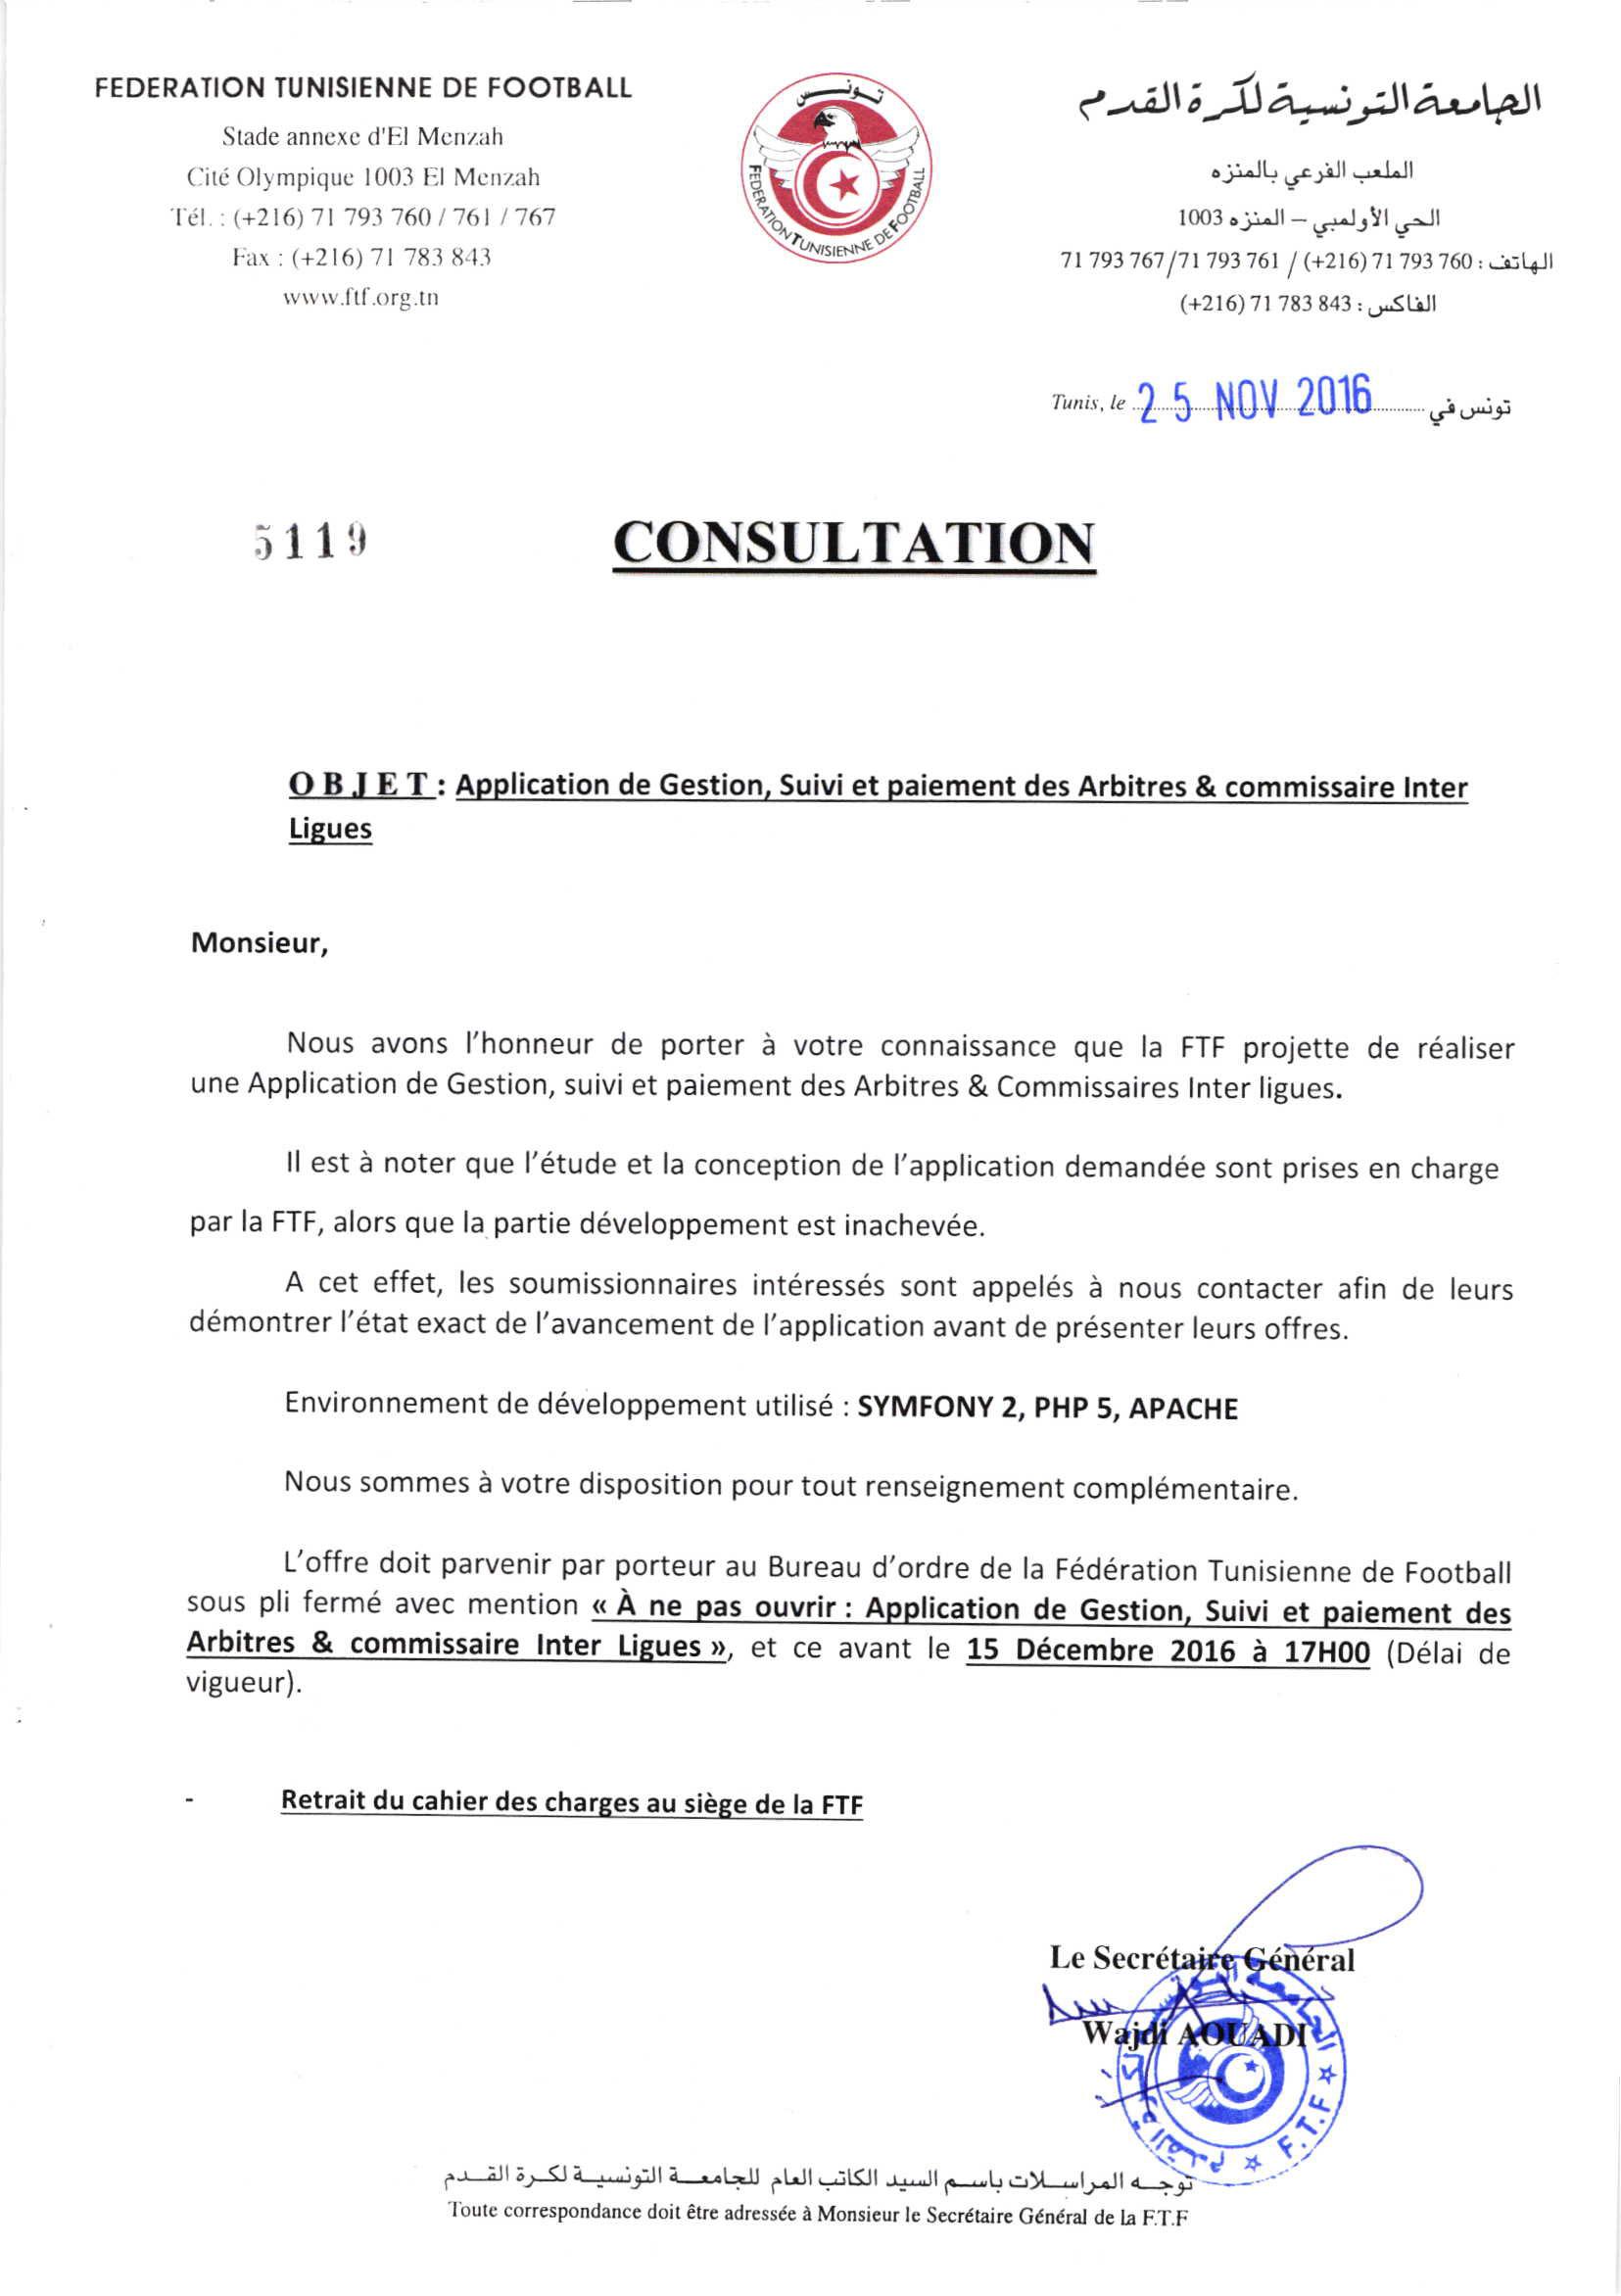 App de Gestion, Suivi et paiement des Arbitres & commissaire Inter Ligues